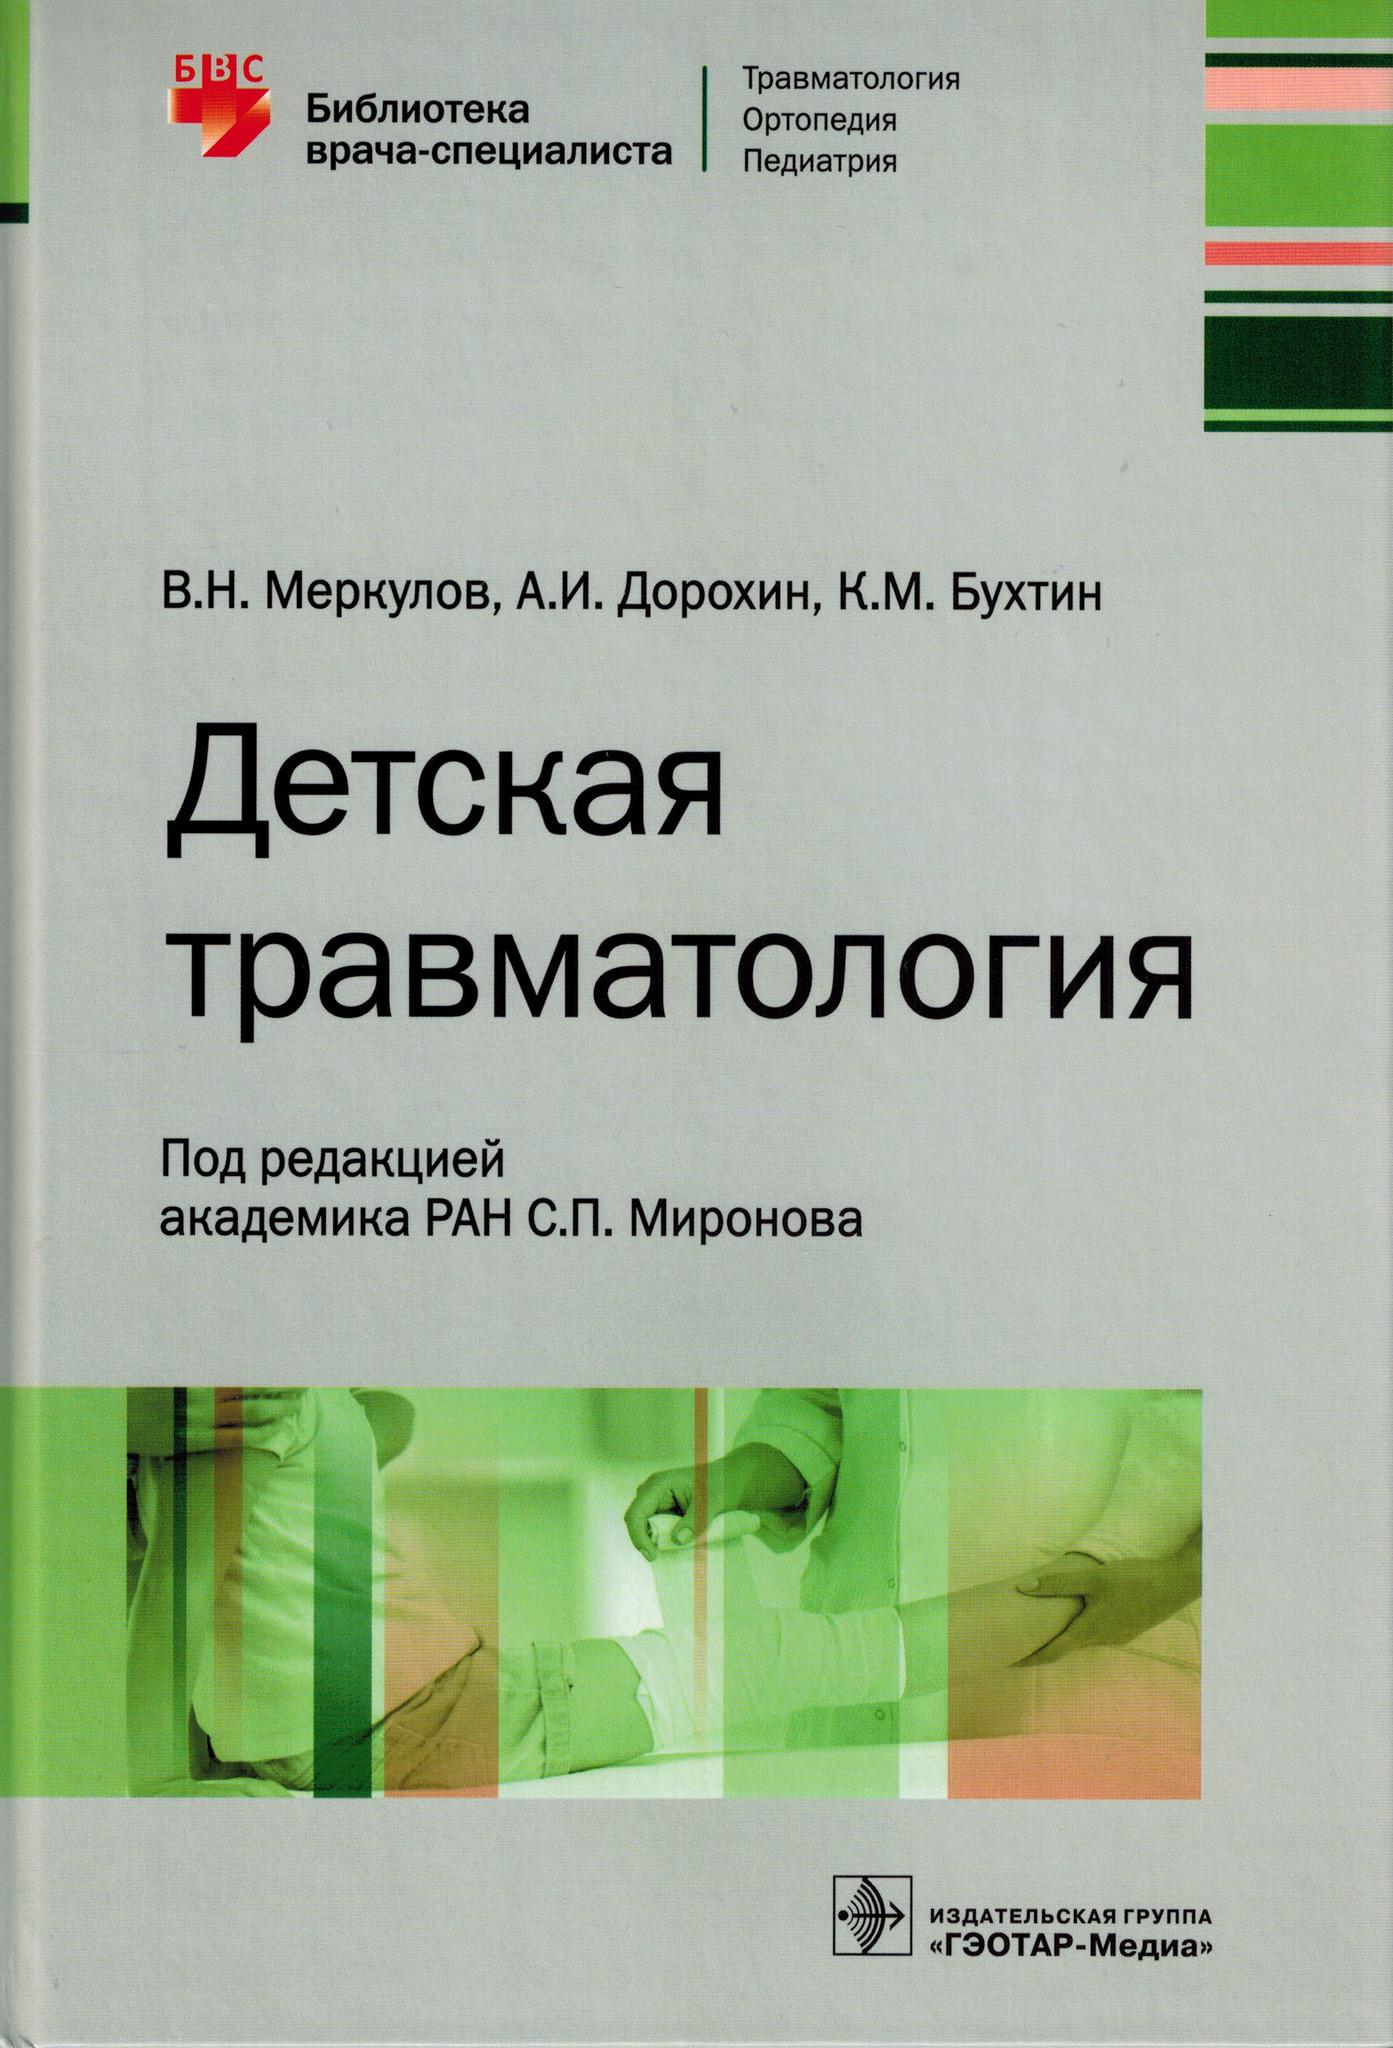 Каталог Детская травматология. Библиотека врача-специалиста dt.jpg